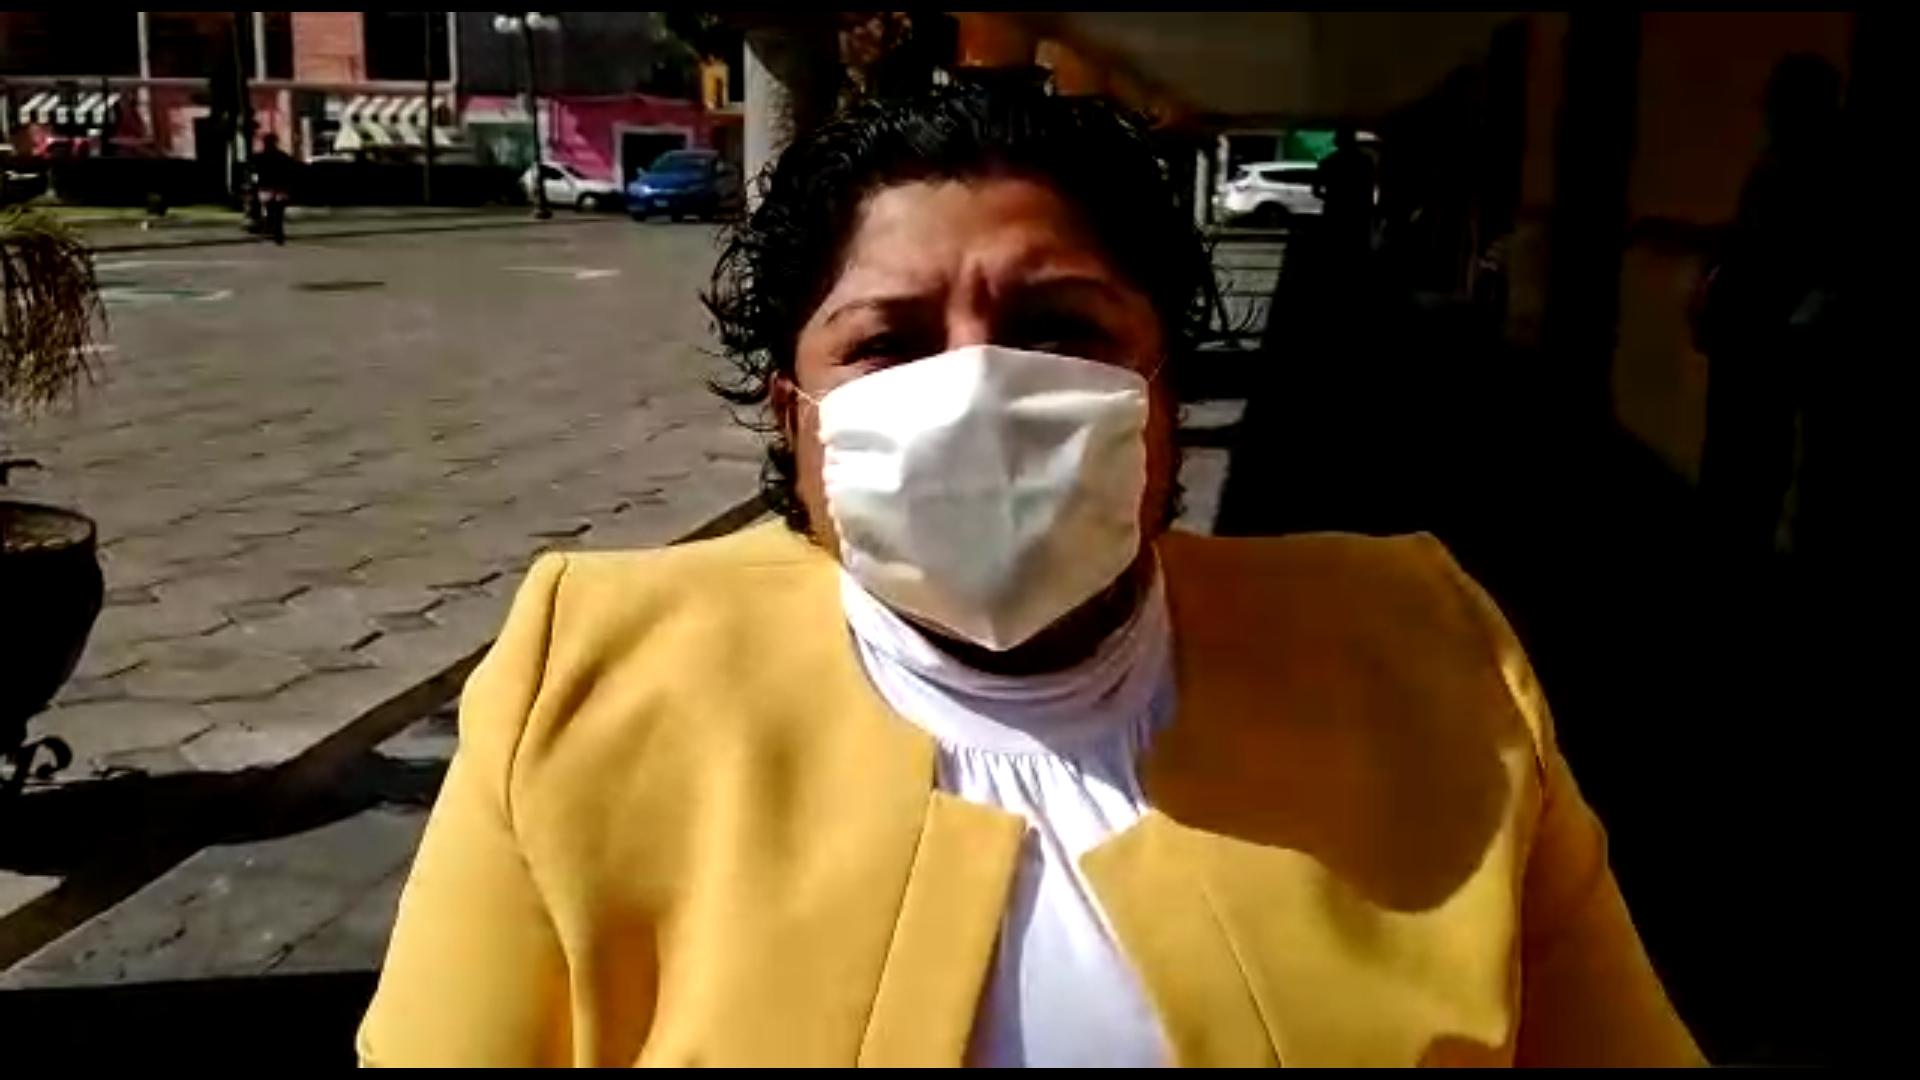 Ayuntamiento de San Andrés Cholula clausura 10 negocios por violar el decreto del cierre temporal, indicó Karina Pérez